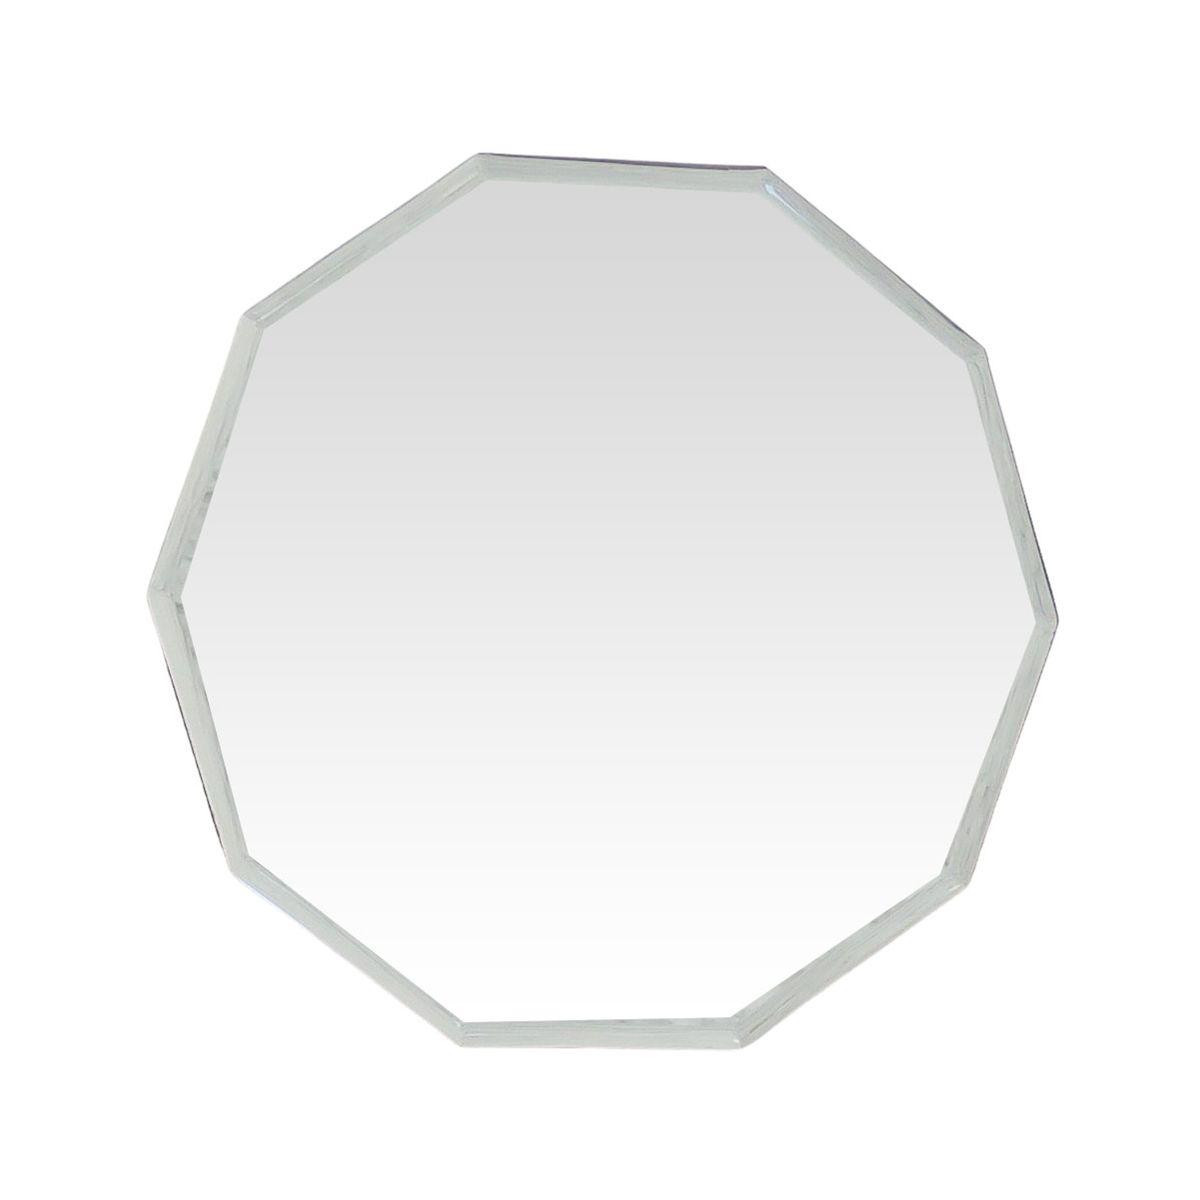 Miroir décagonal contour biseauté blanc 44x47